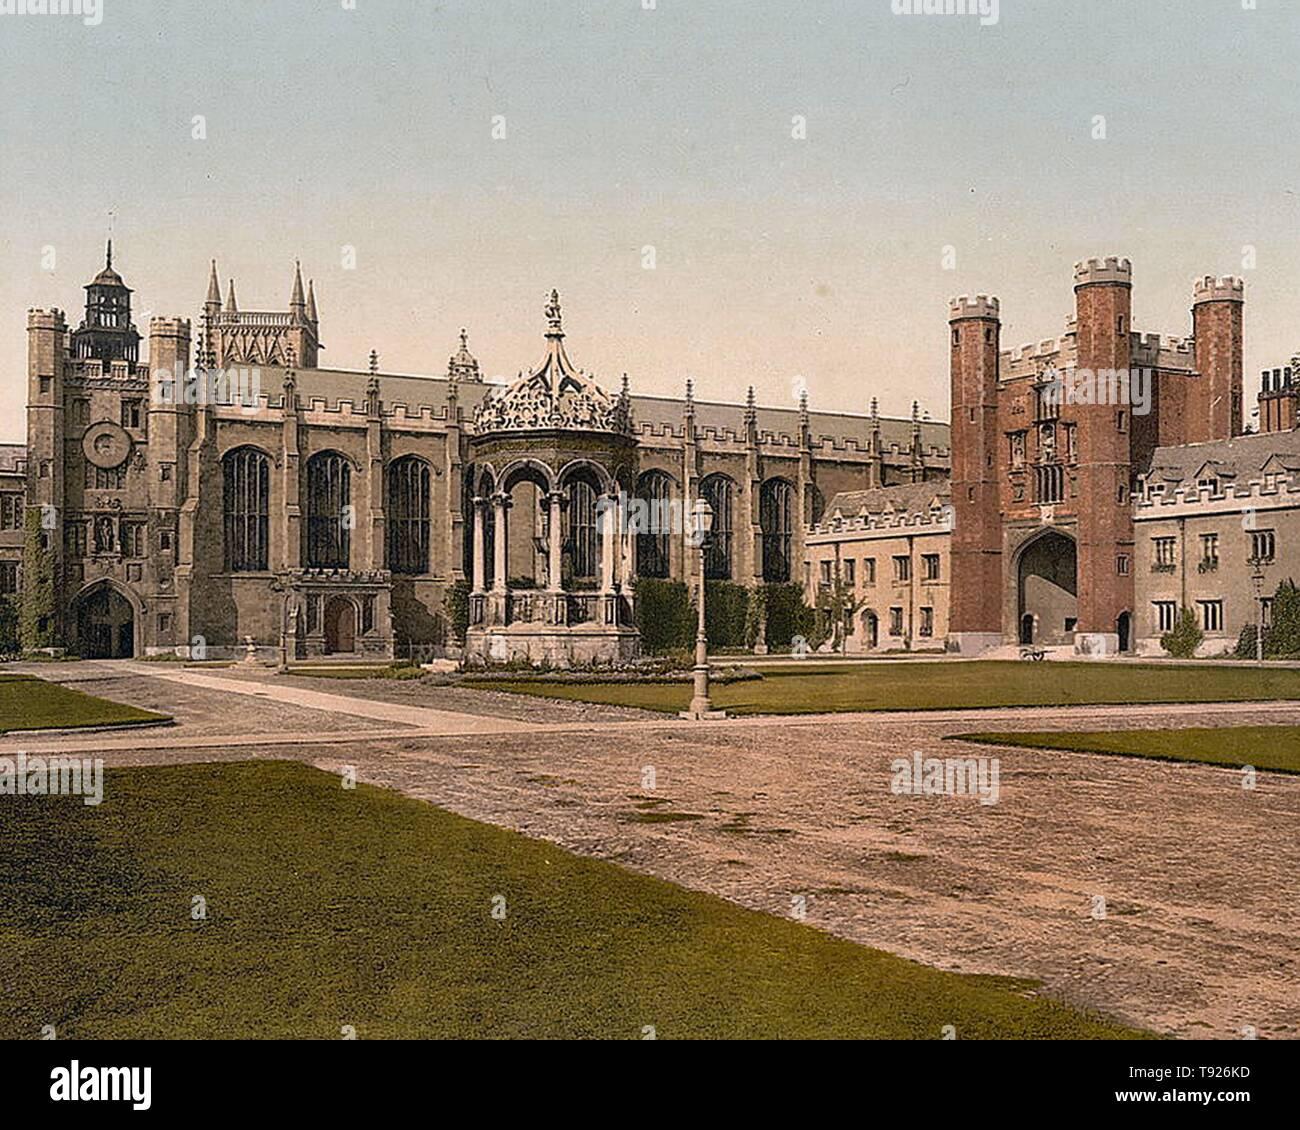 Trinity College, Cambridge, Cambridgeshire, England. Stock Photo